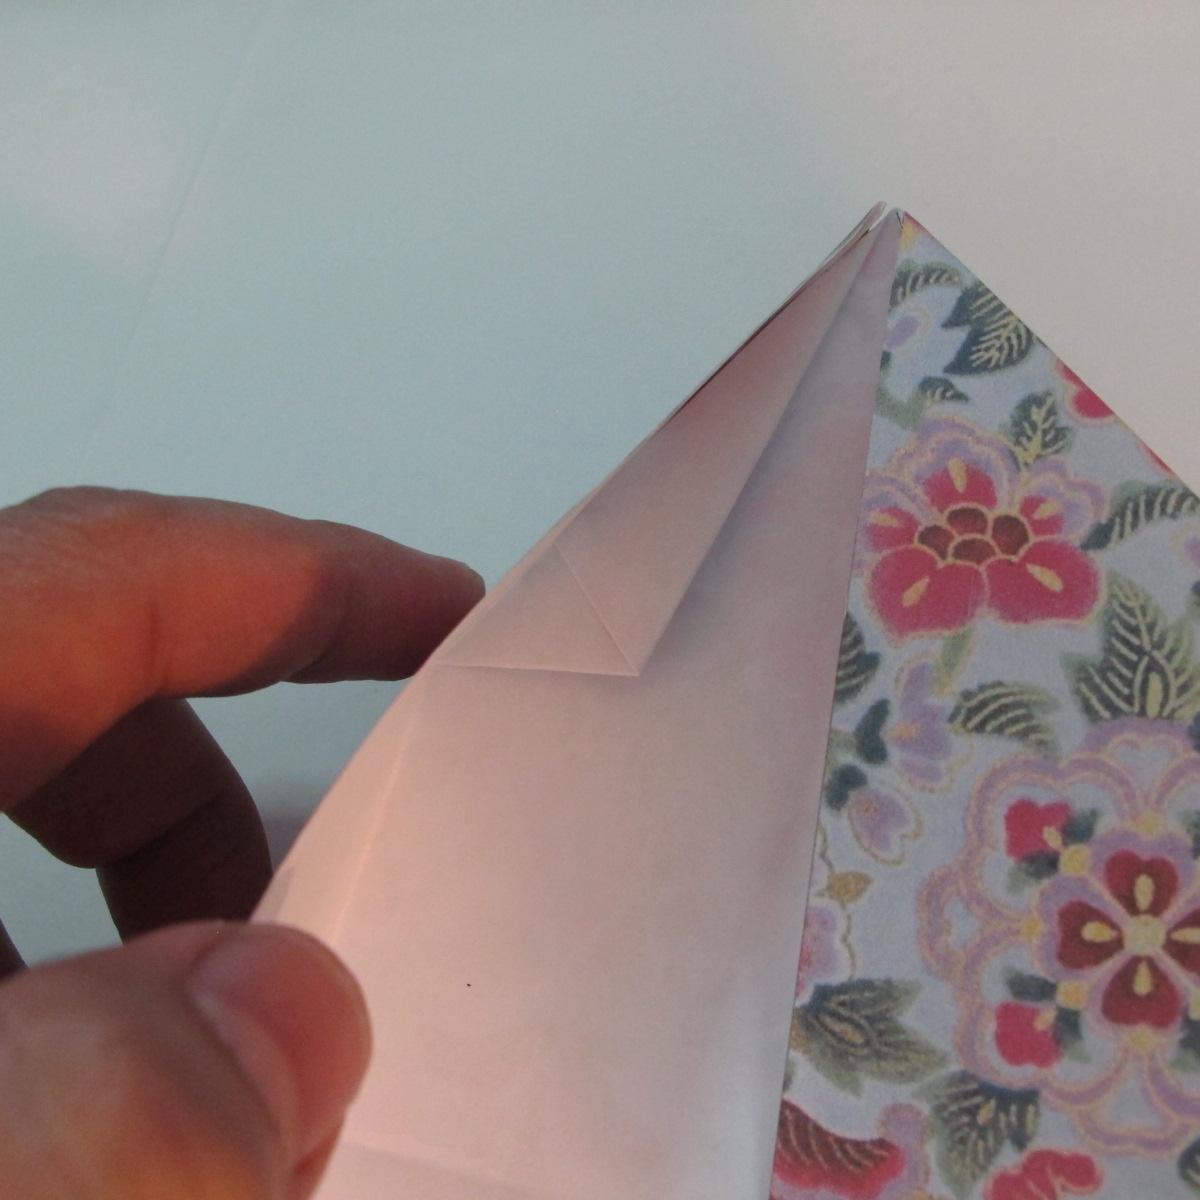 การพับกระดาษเป็นรูปหัวใจแบบ 3 มิติ 027